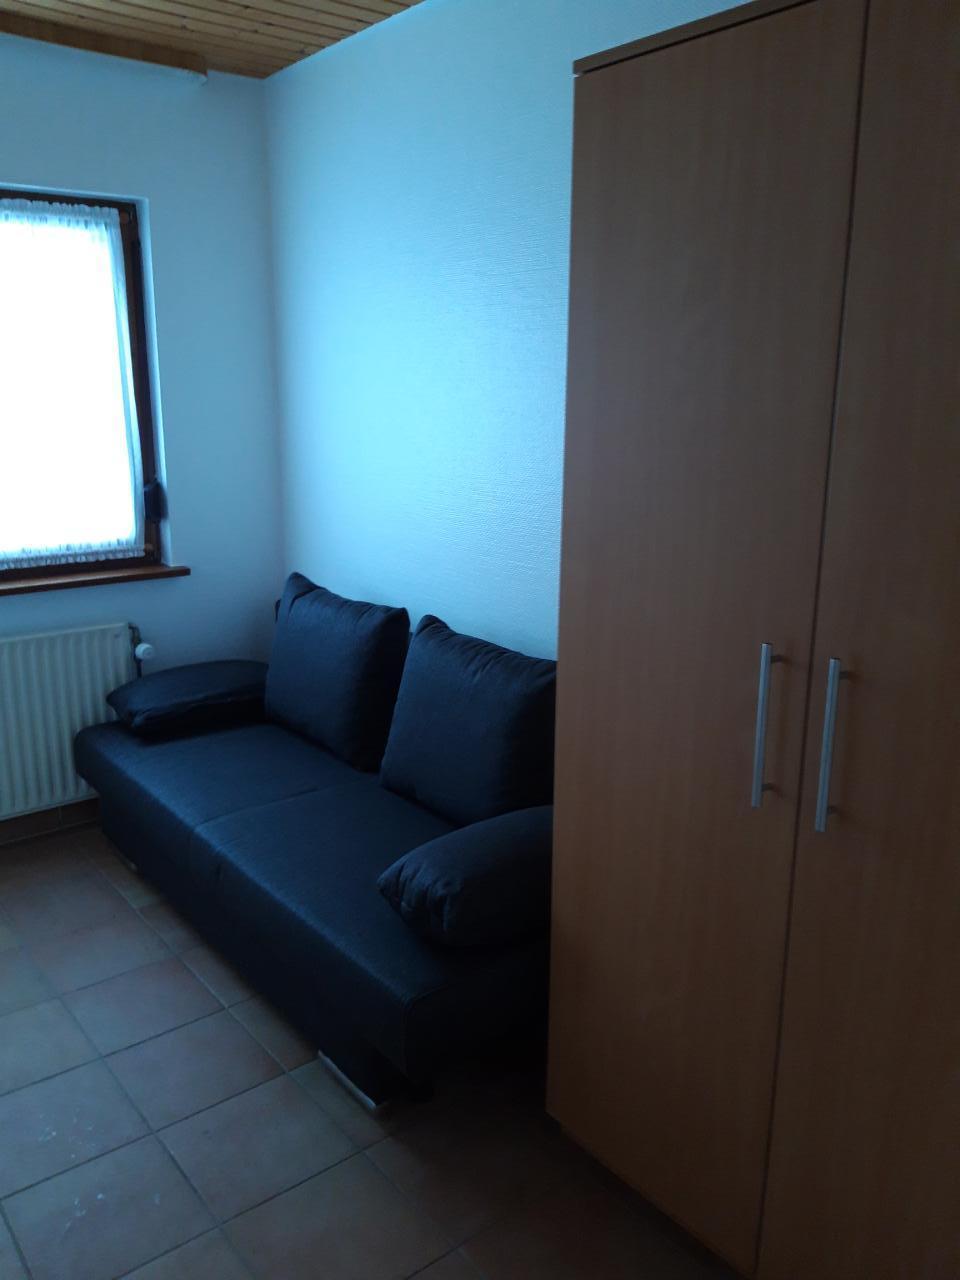 Ferienhaus / Bungalow 15 neu renoviert für 4-6 Personen in der Rhön Residence Bungalows (757460), Dipperz, Rhön (Hessen), Hessen, Deutschland, Bild 10